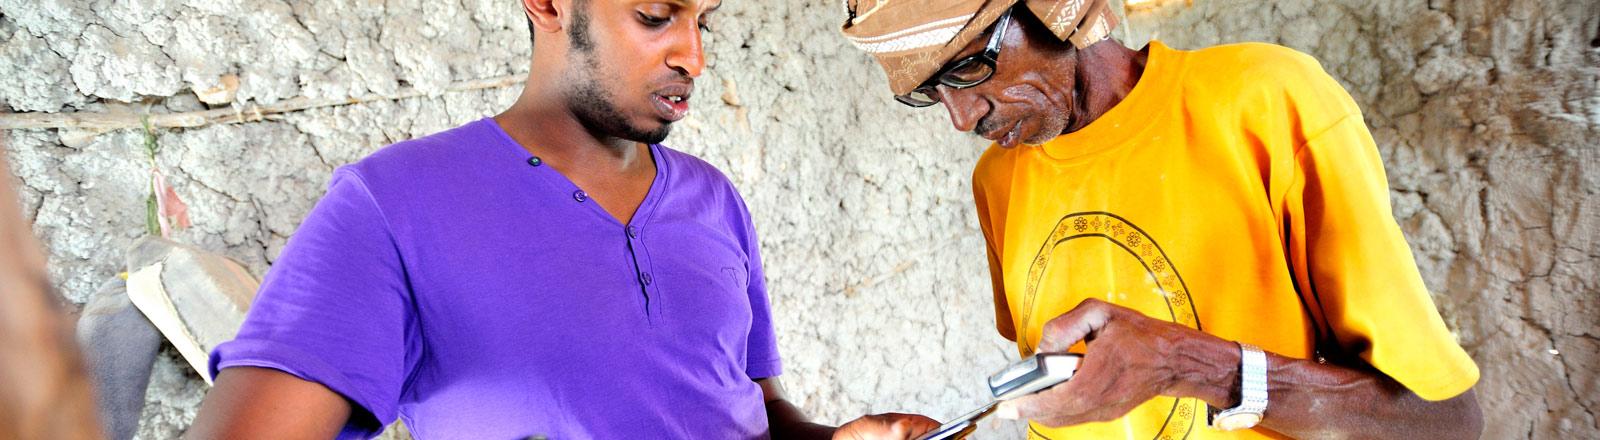 Zwei Männer mit Handys